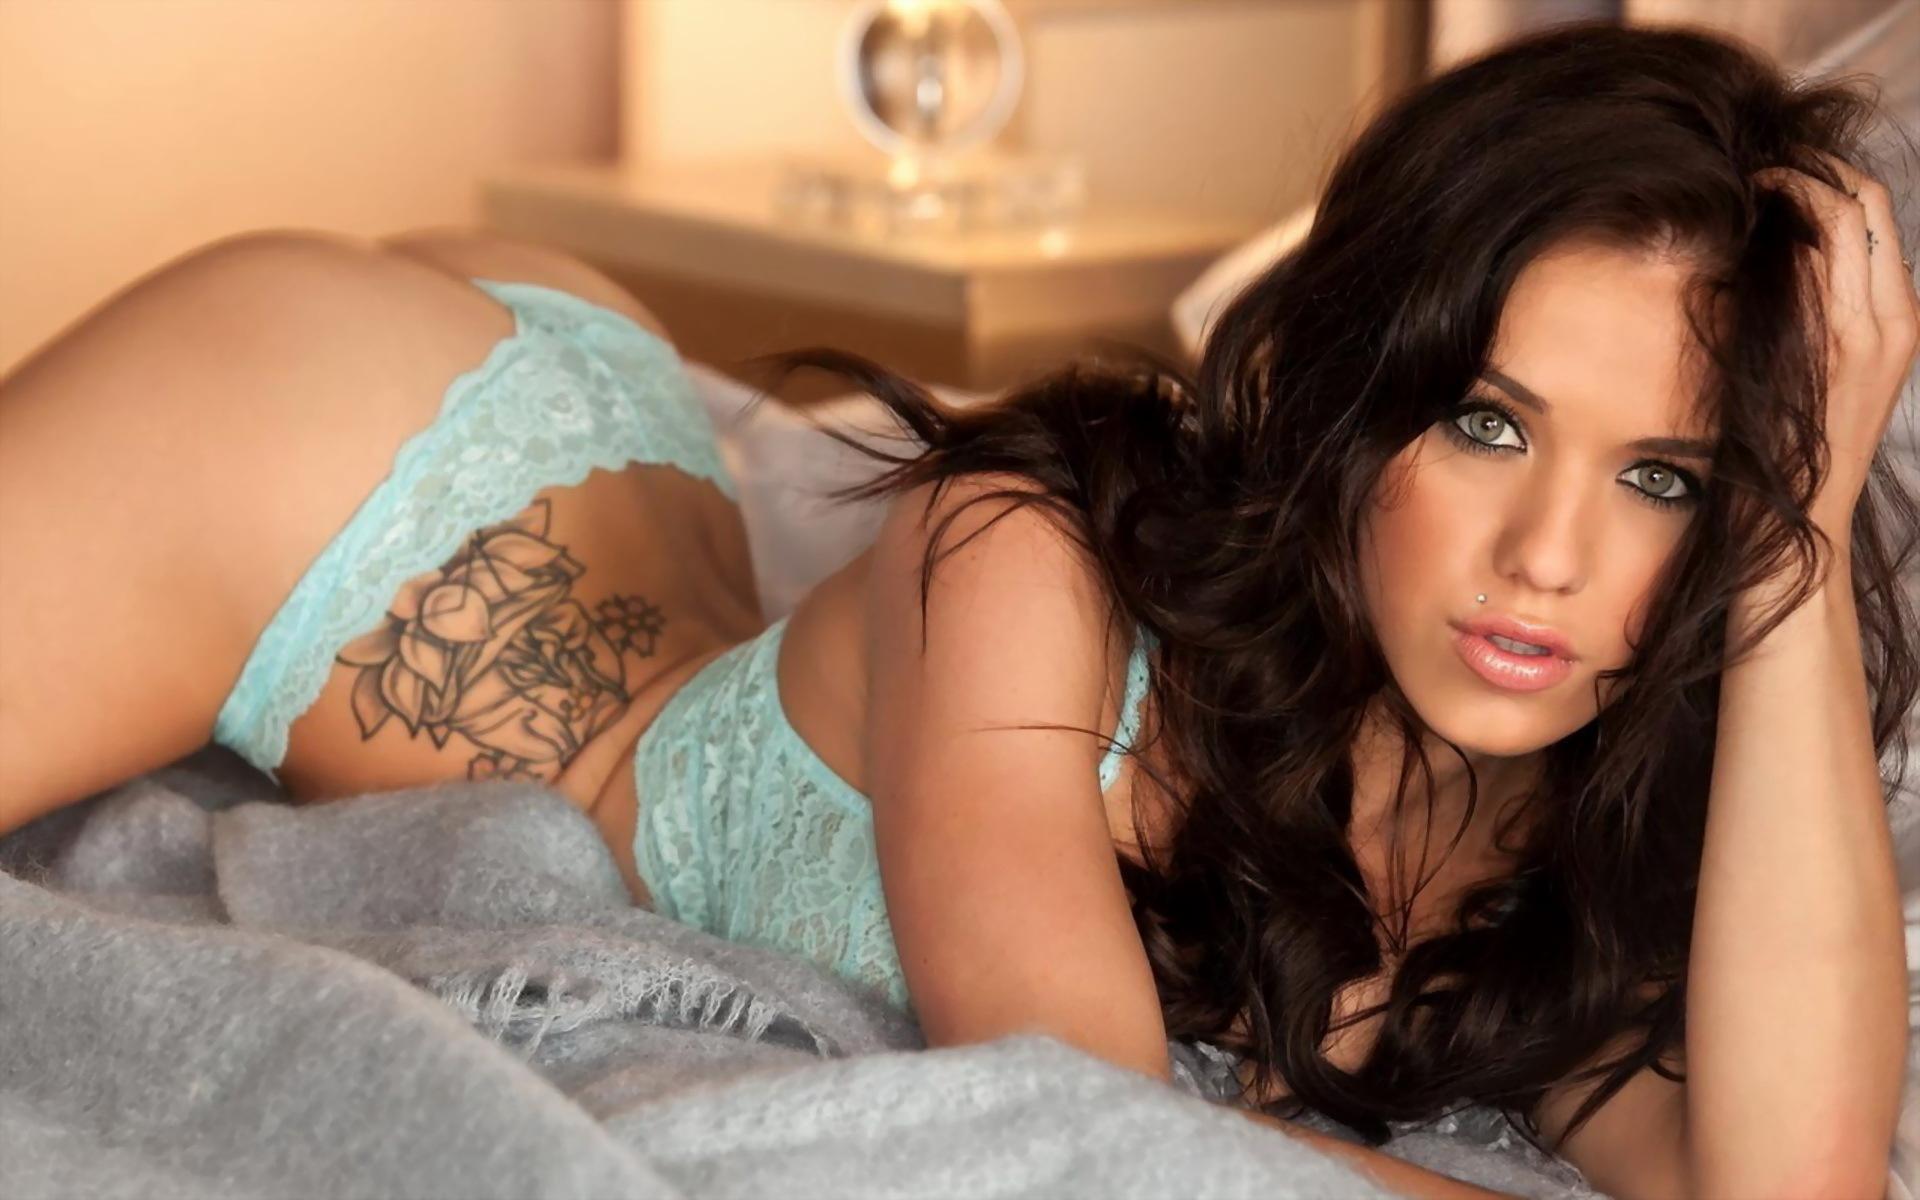 Татуированная телка снимает кружевное бельё в спальне  477027